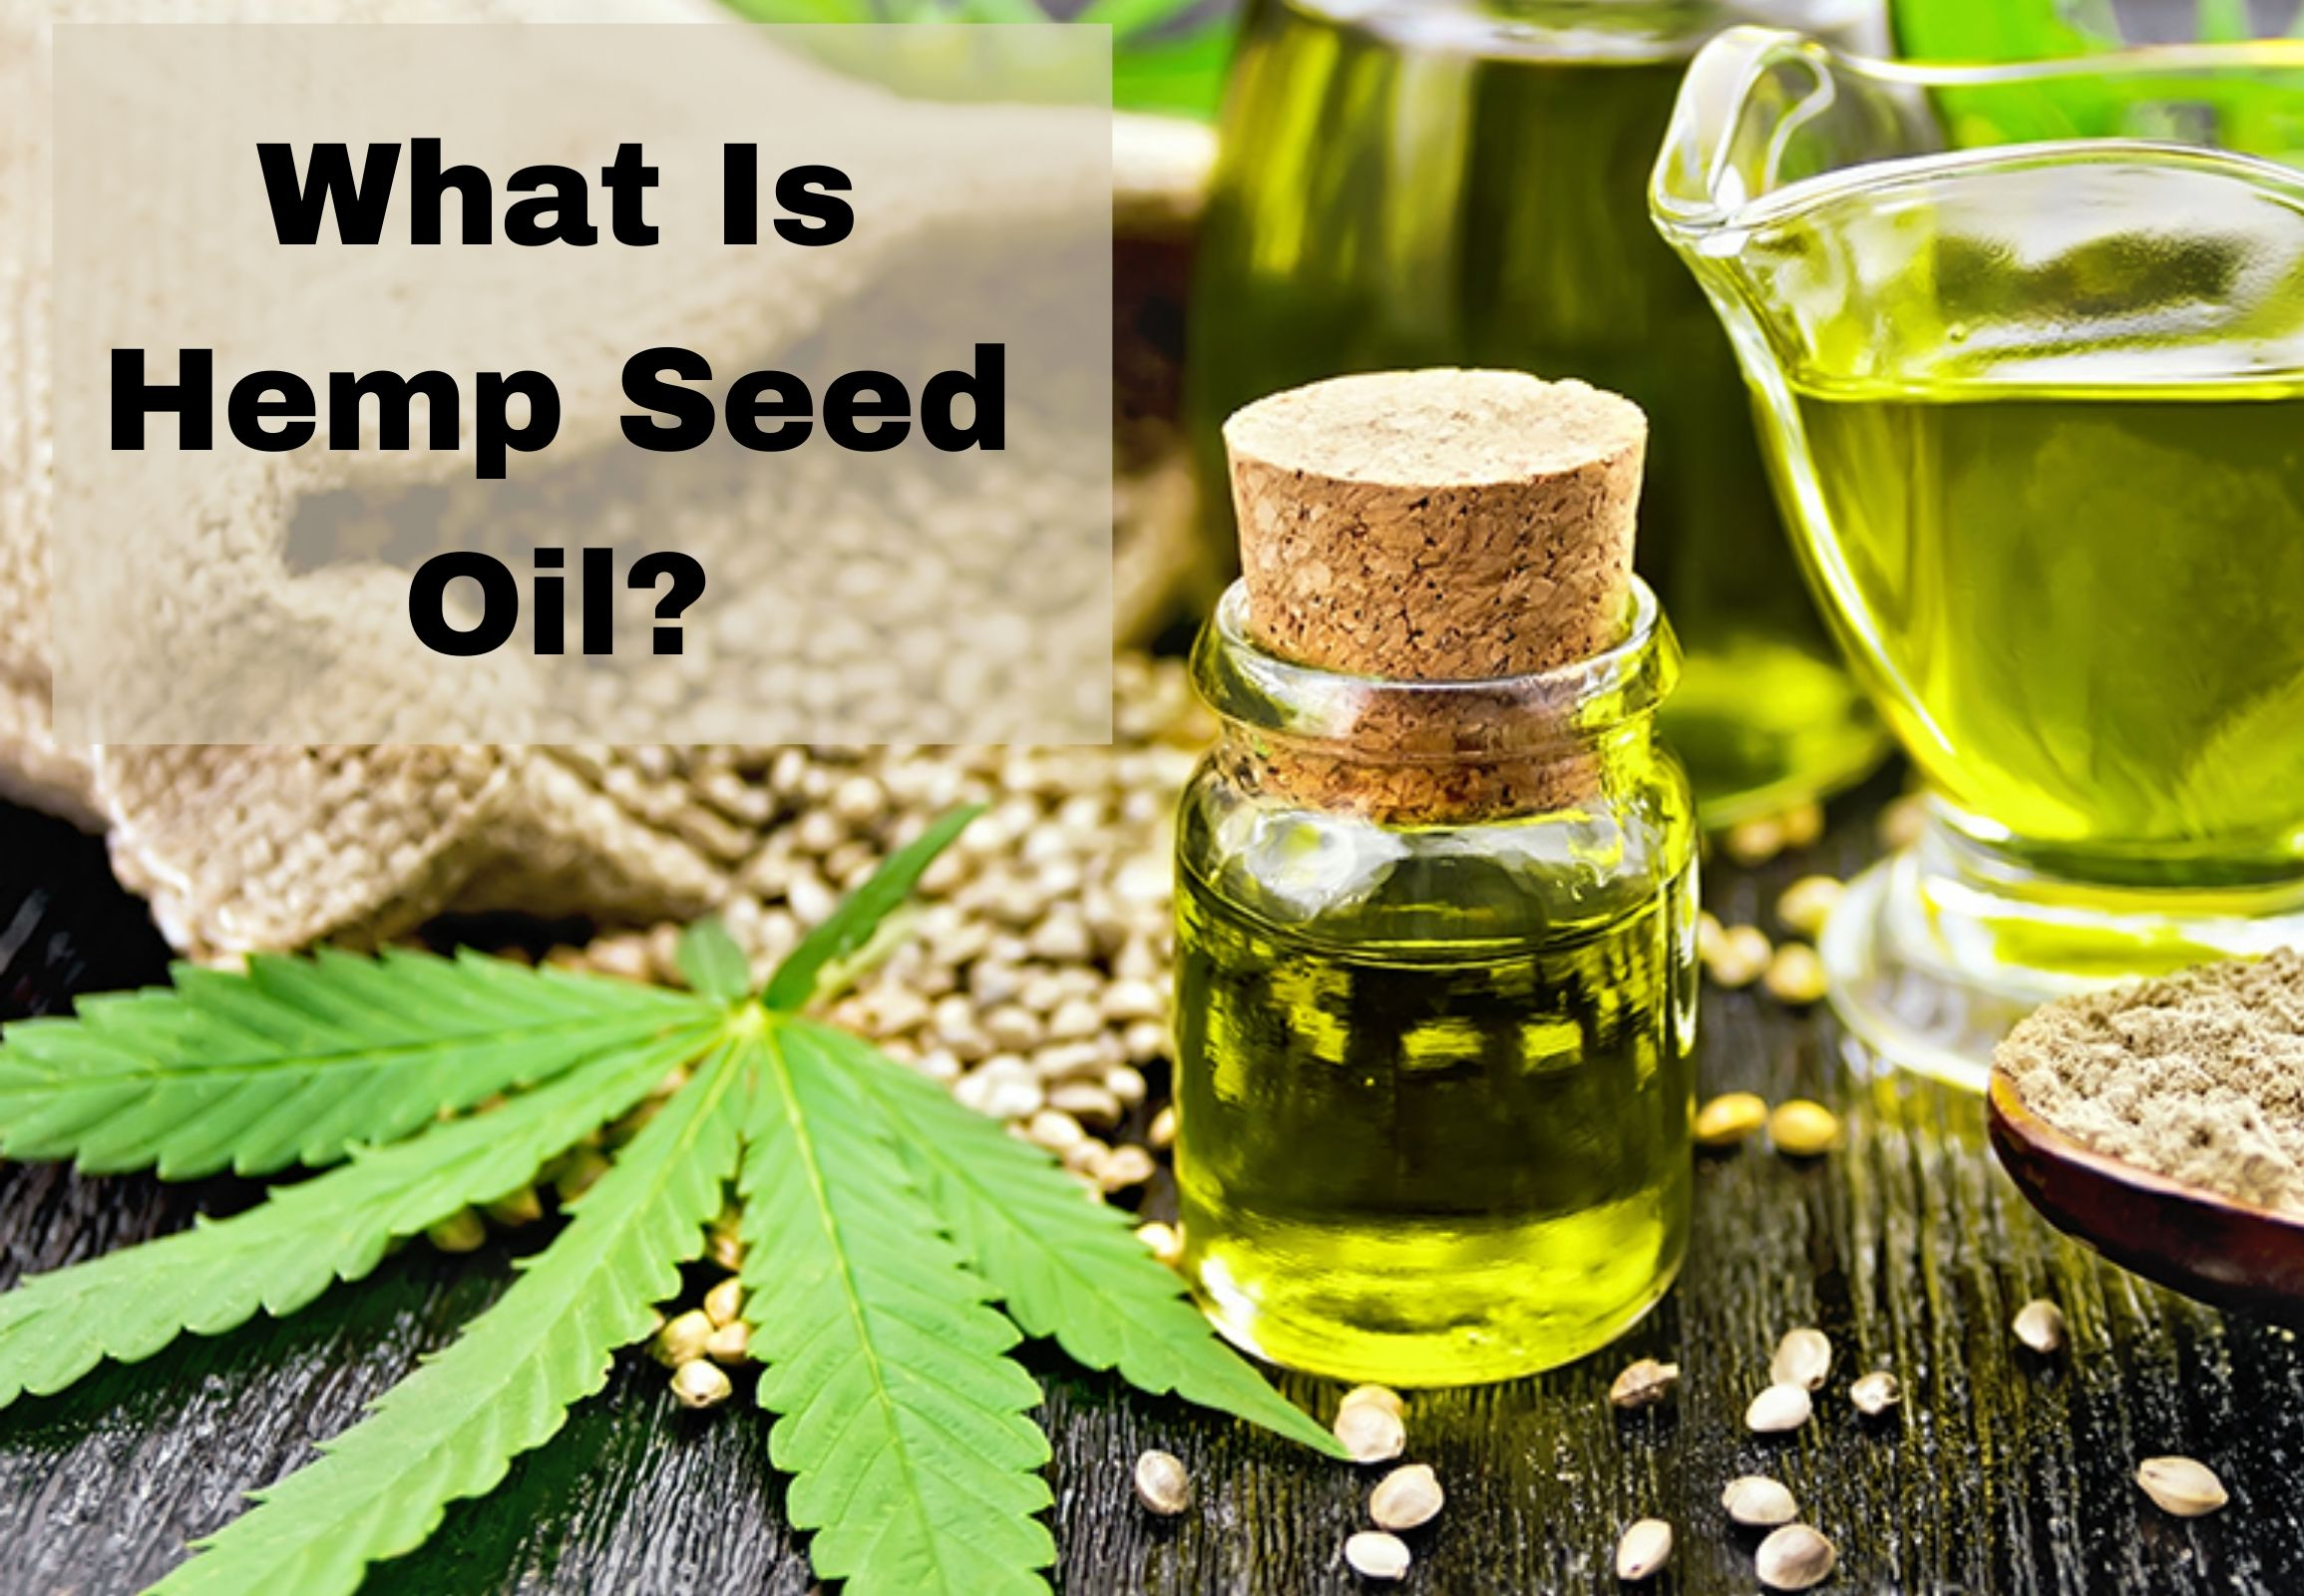 What is Hemp Seed Oil